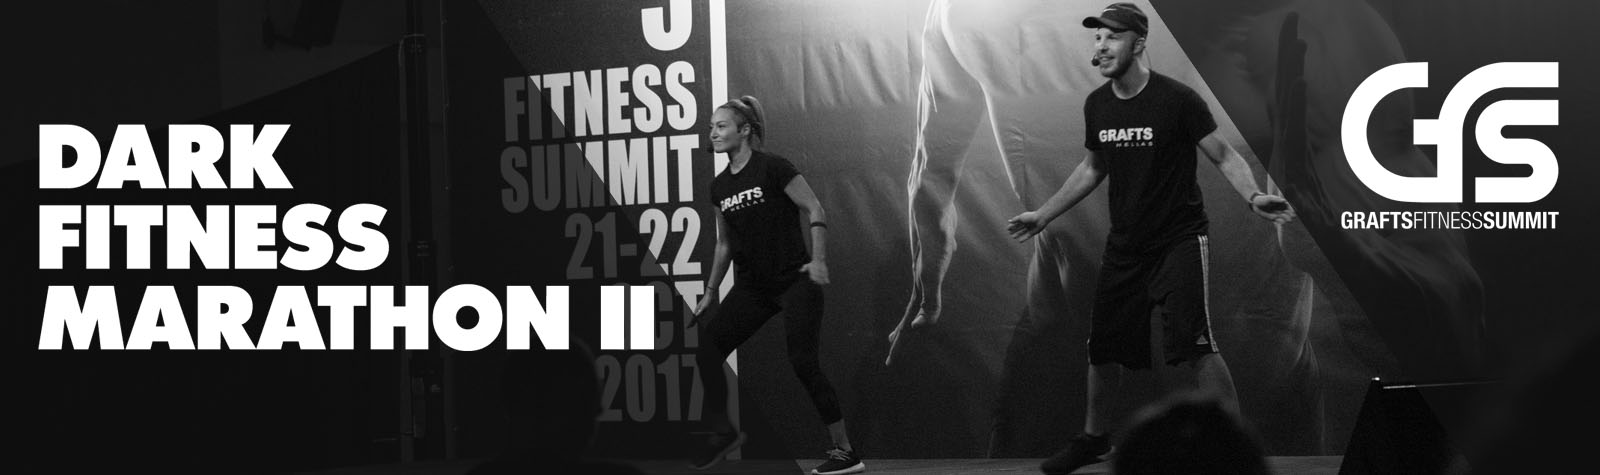 6th GFS 2018 - Dark Fitness Marathon II banner